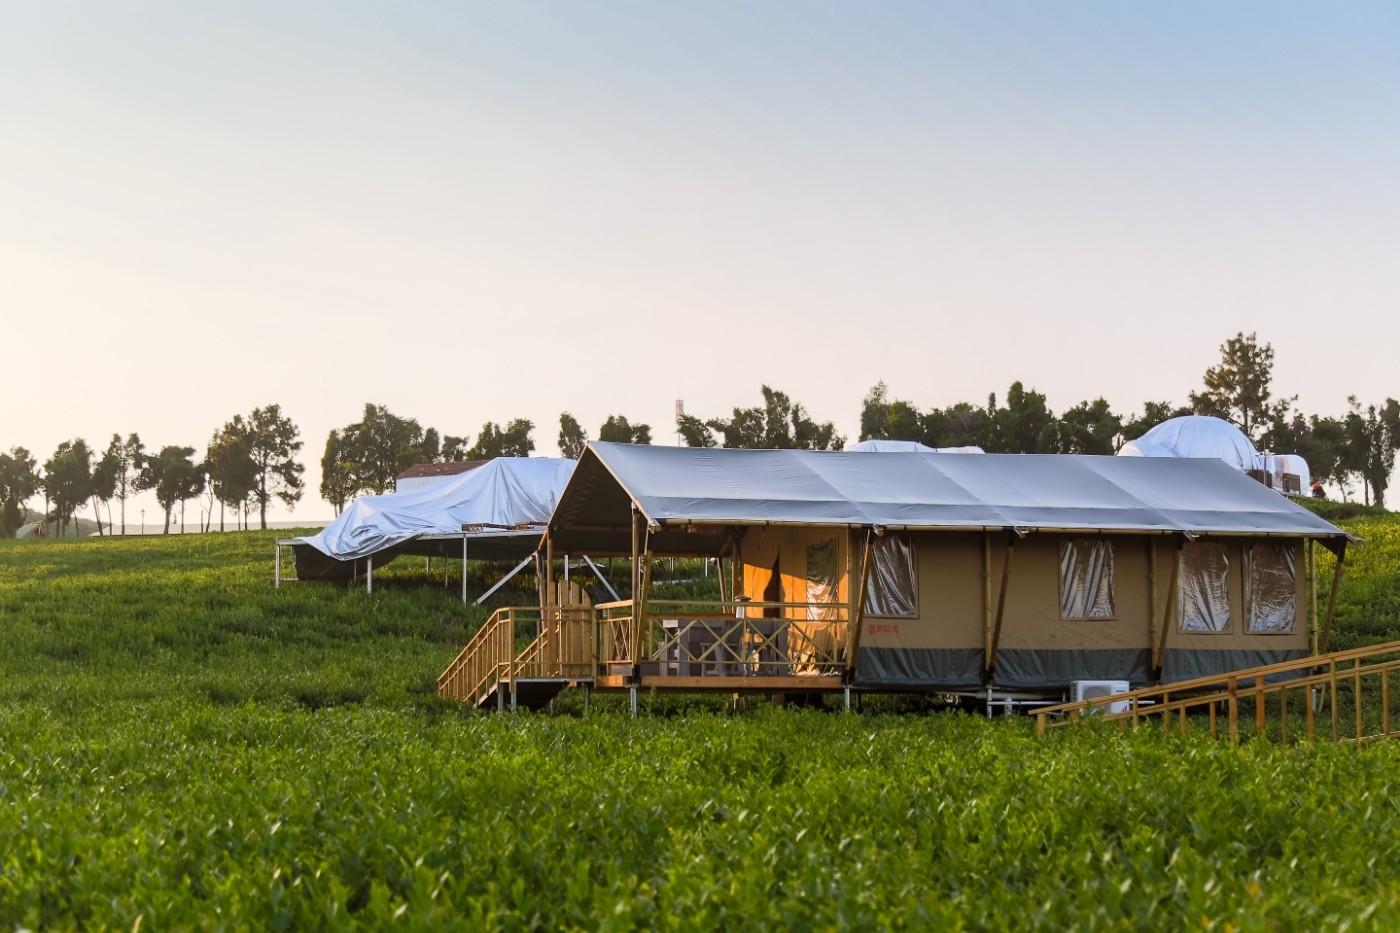 喜马拉雅野奢帐篷酒店—江苏常州茅山宝盛园茶园帐篷酒店17